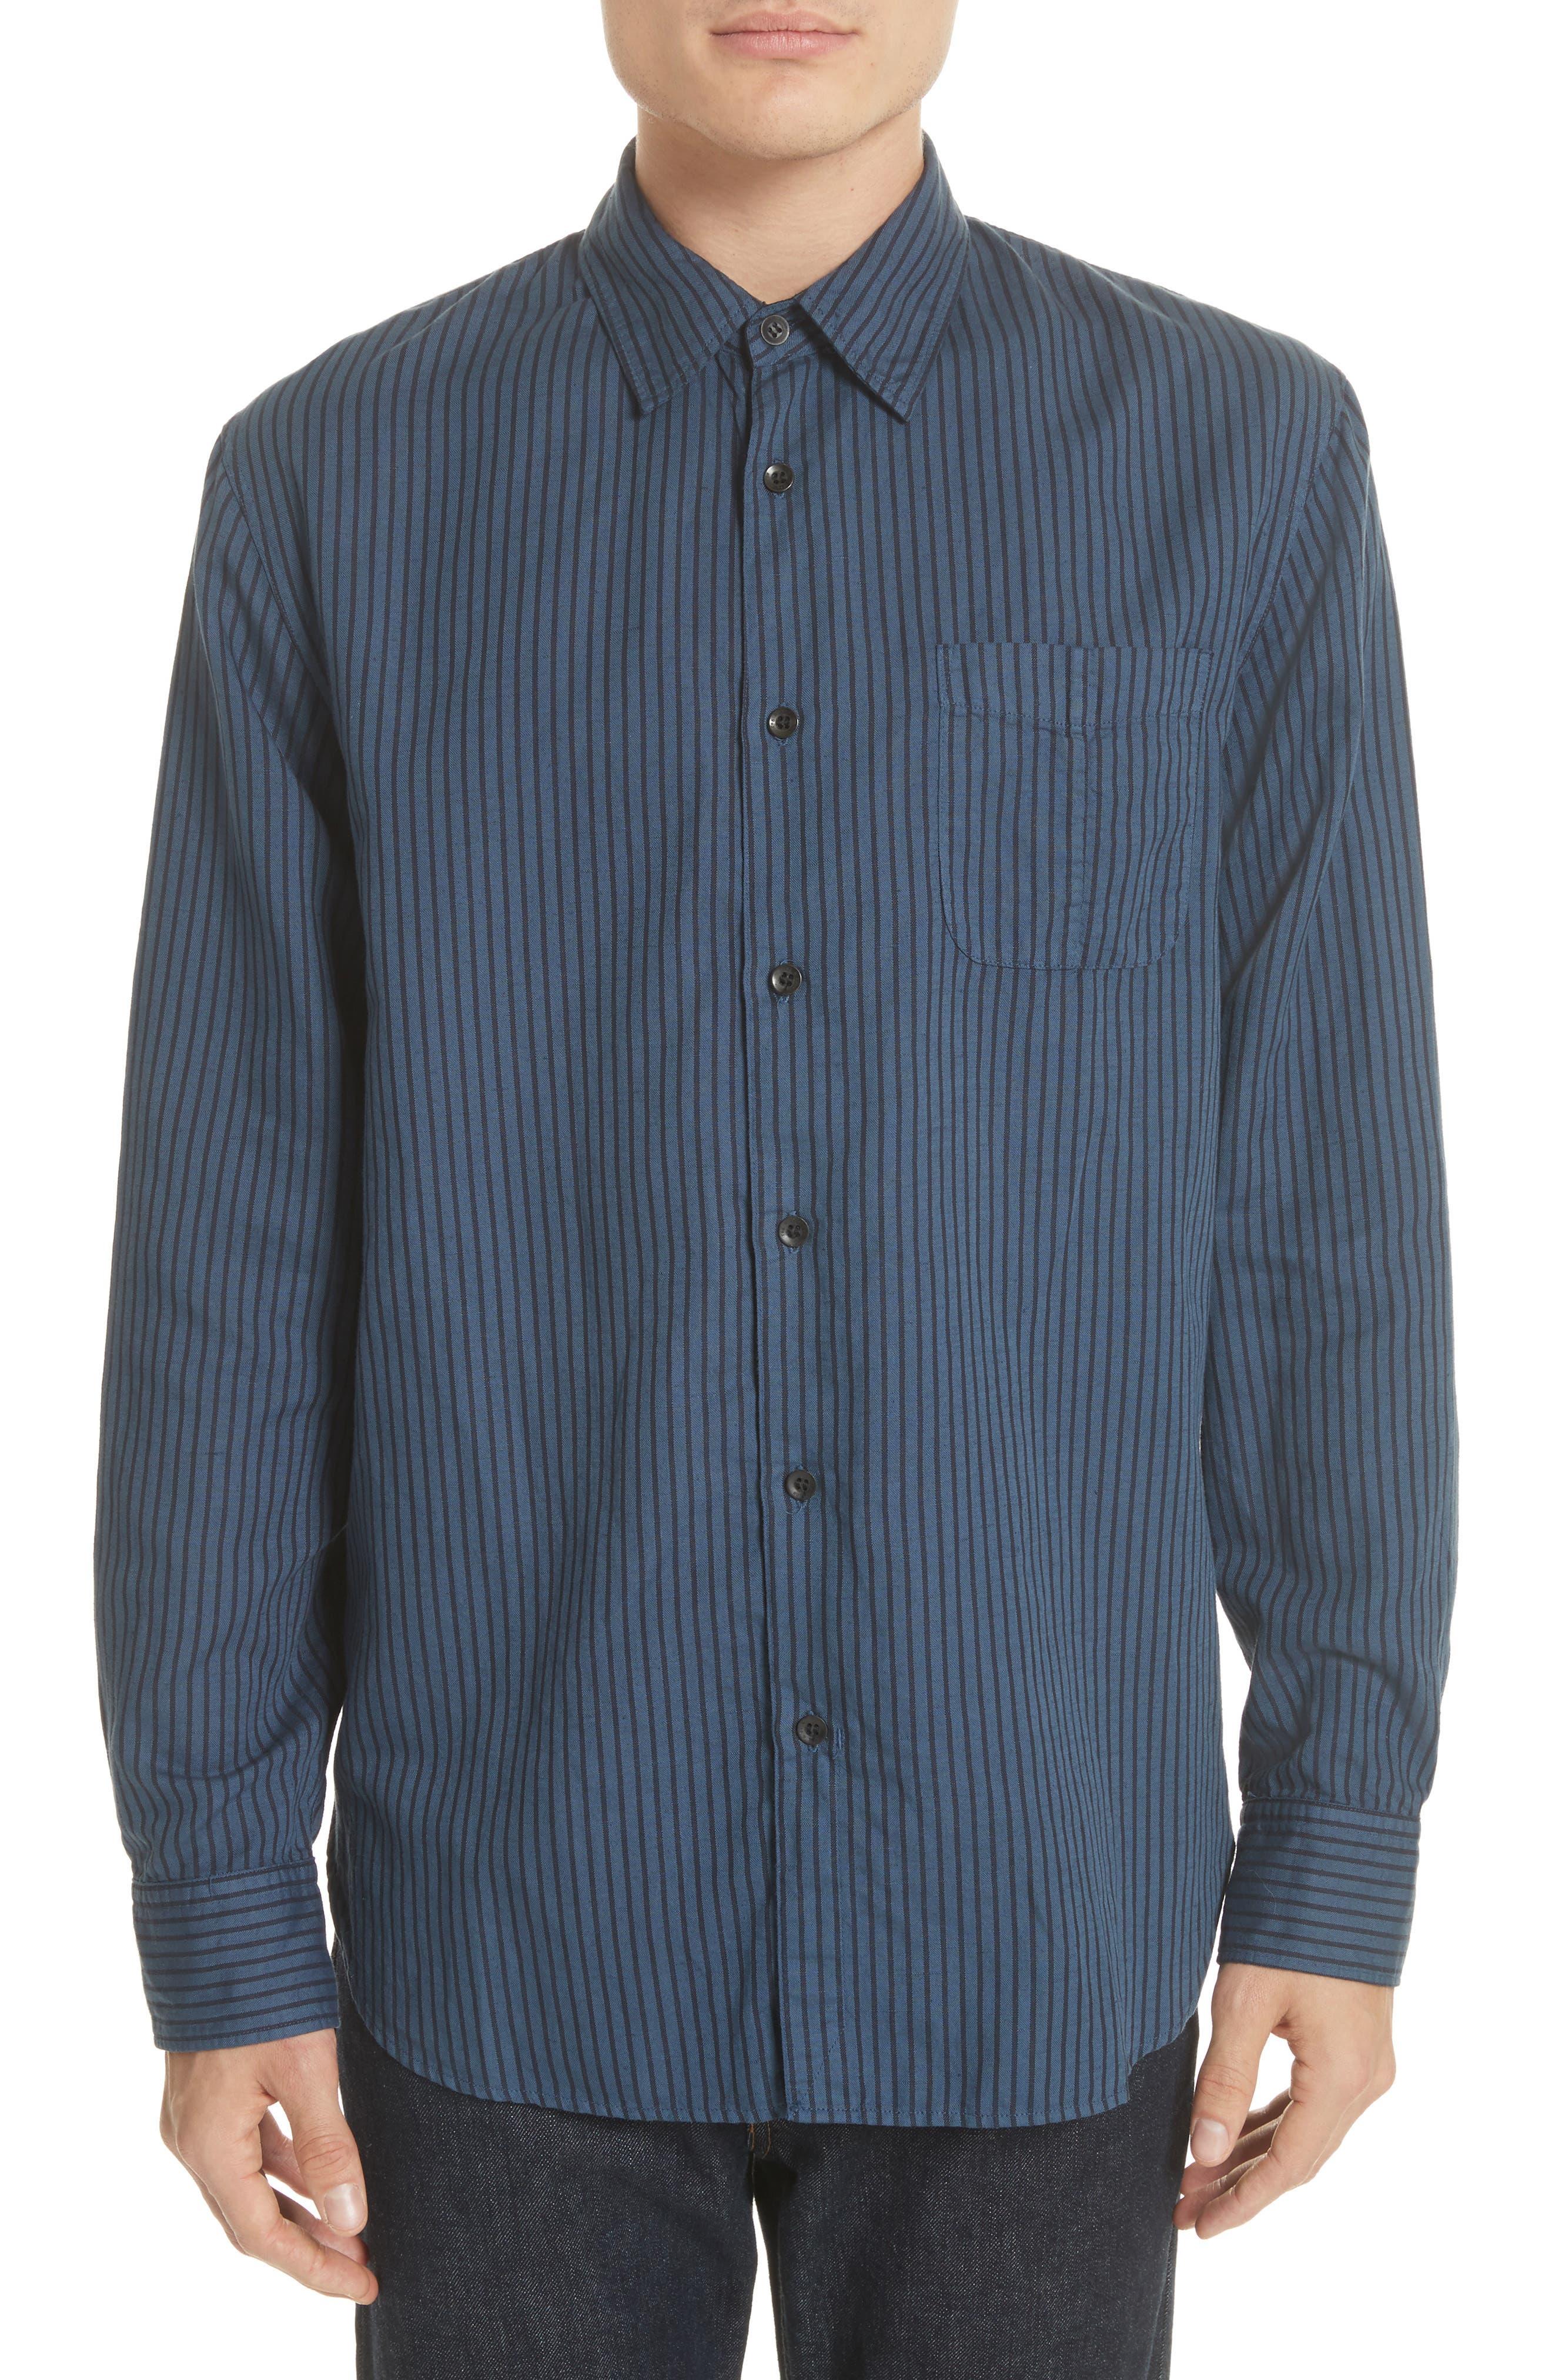 Beach Fit 3 Stripe Shirt,                             Main thumbnail 1, color,                             416